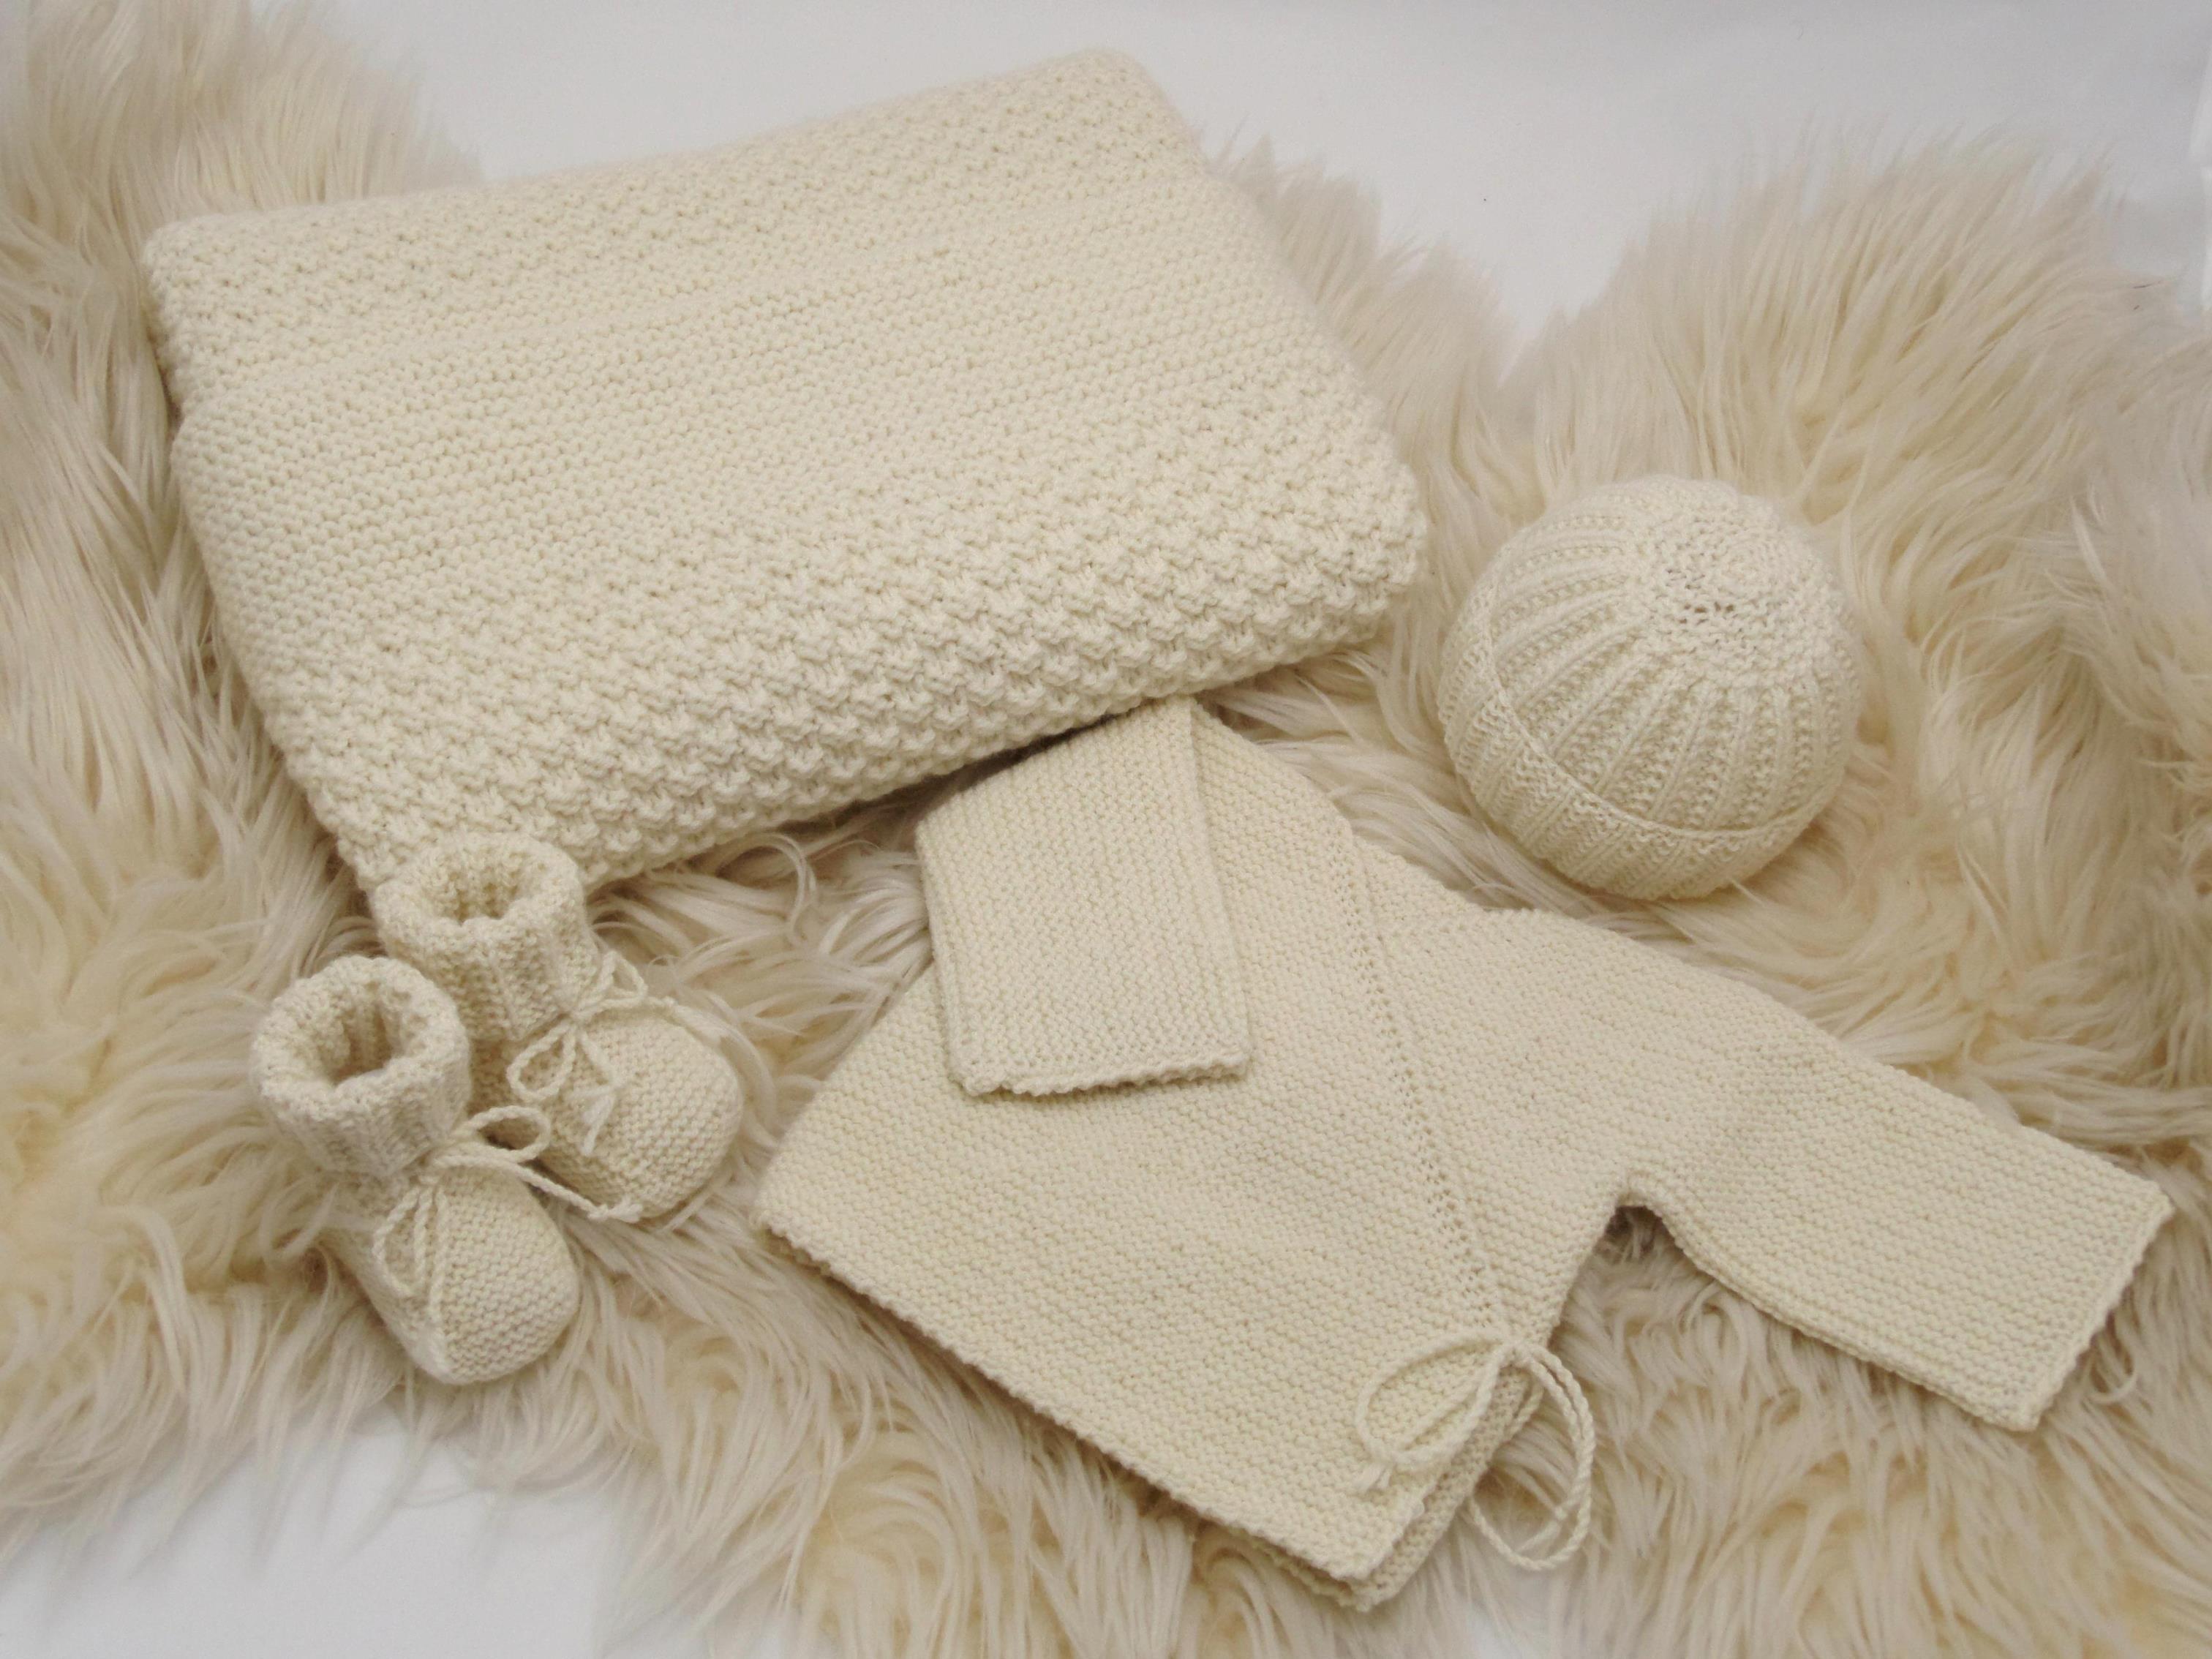 30c8db08ebf Bonnet de laine naissance brassiere bebe fille